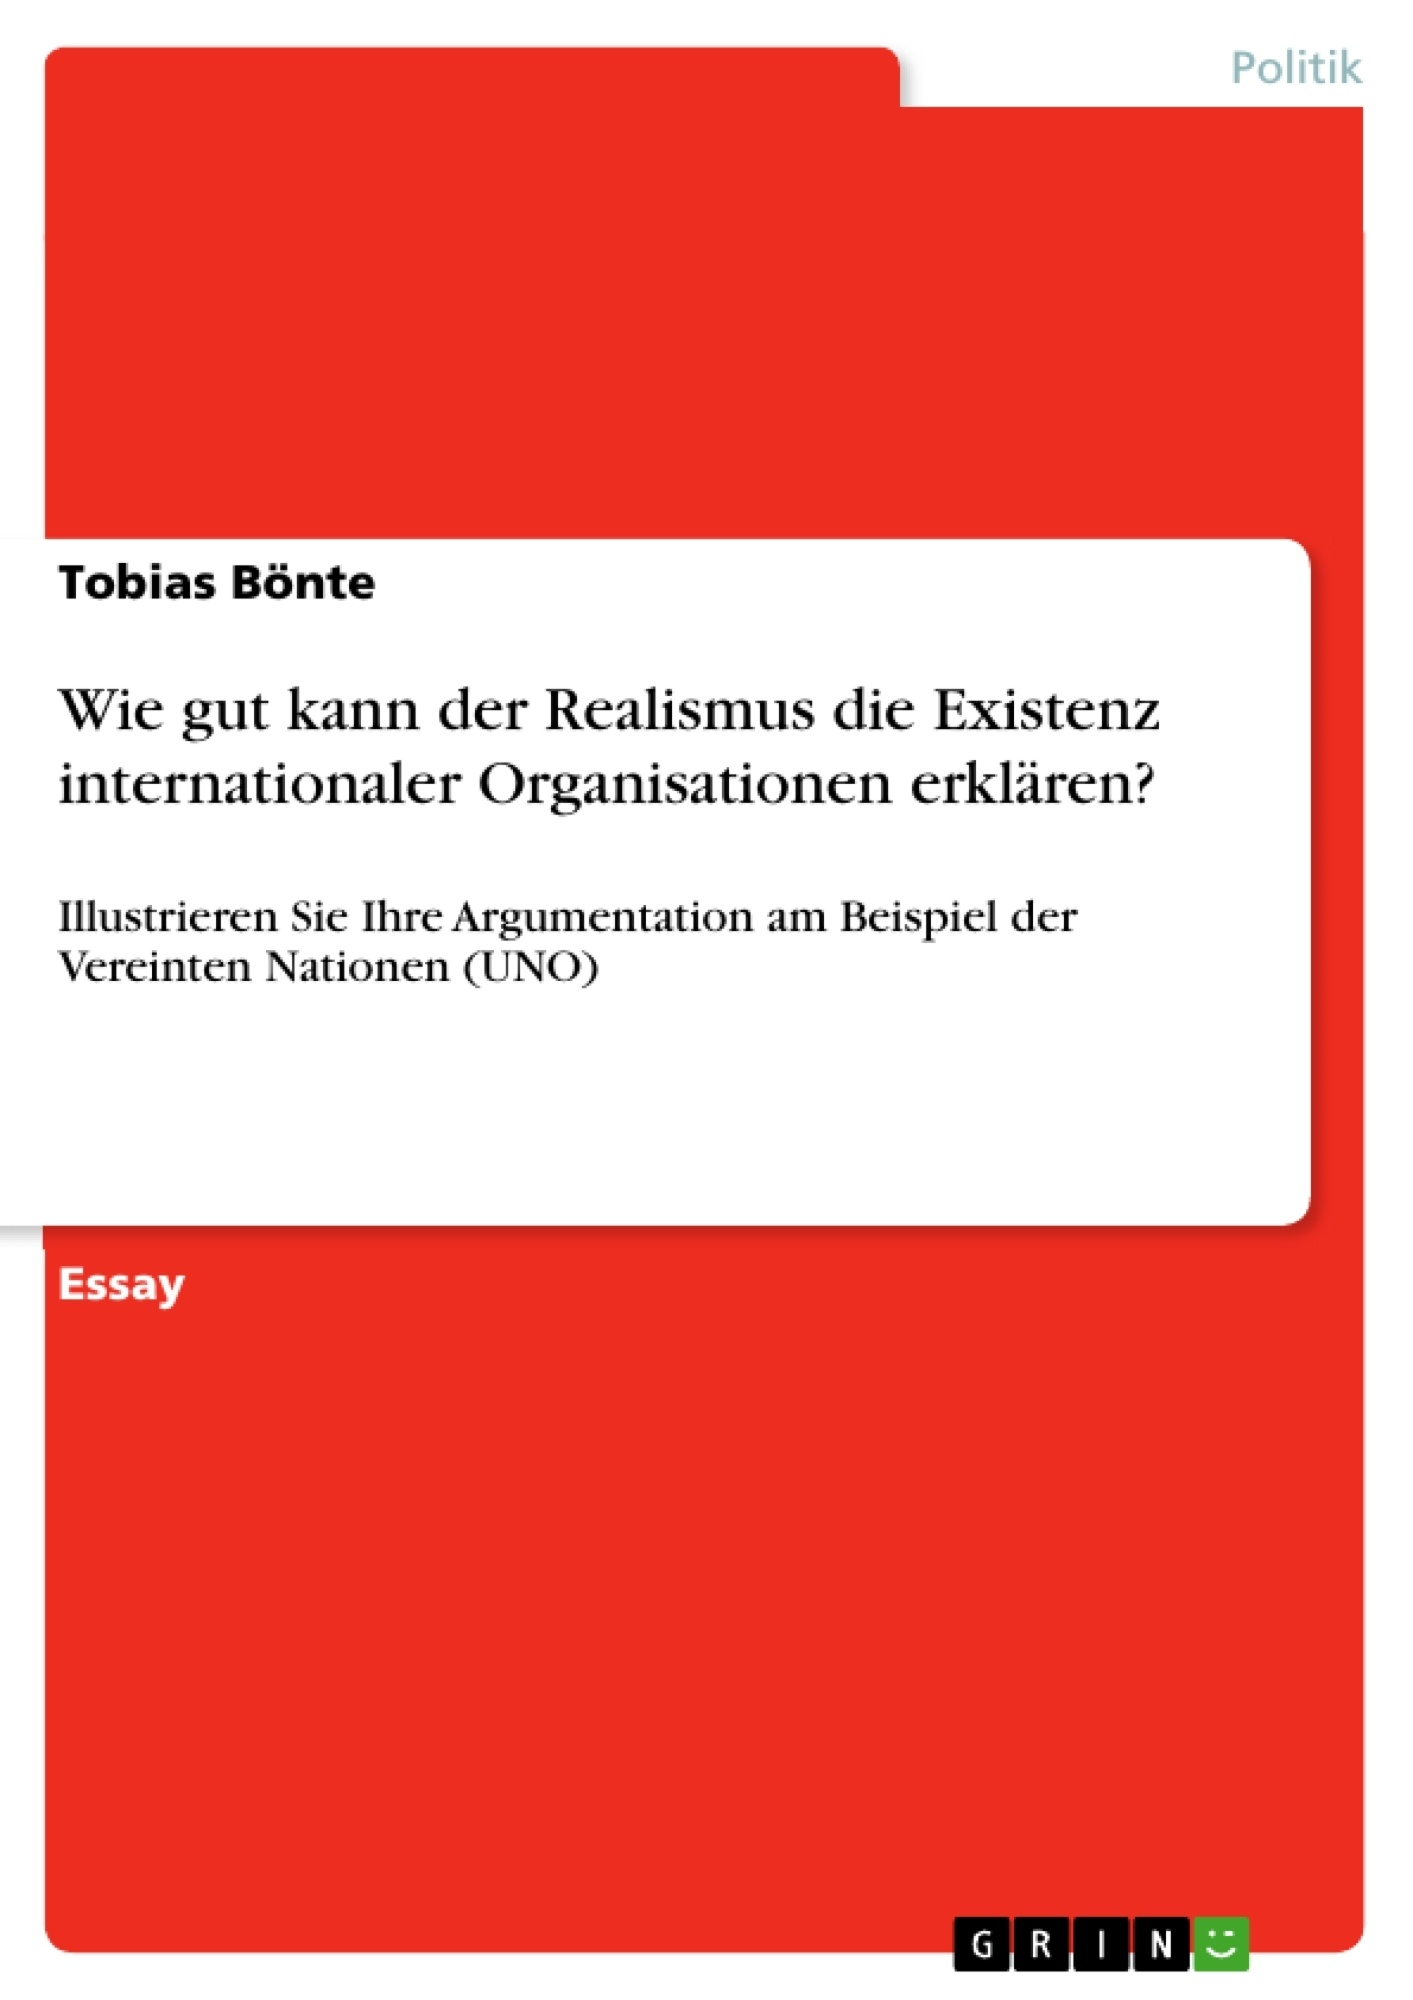 Titel: Wie gut kann der Realismus die Existenz internationaler Organisationen erklären?